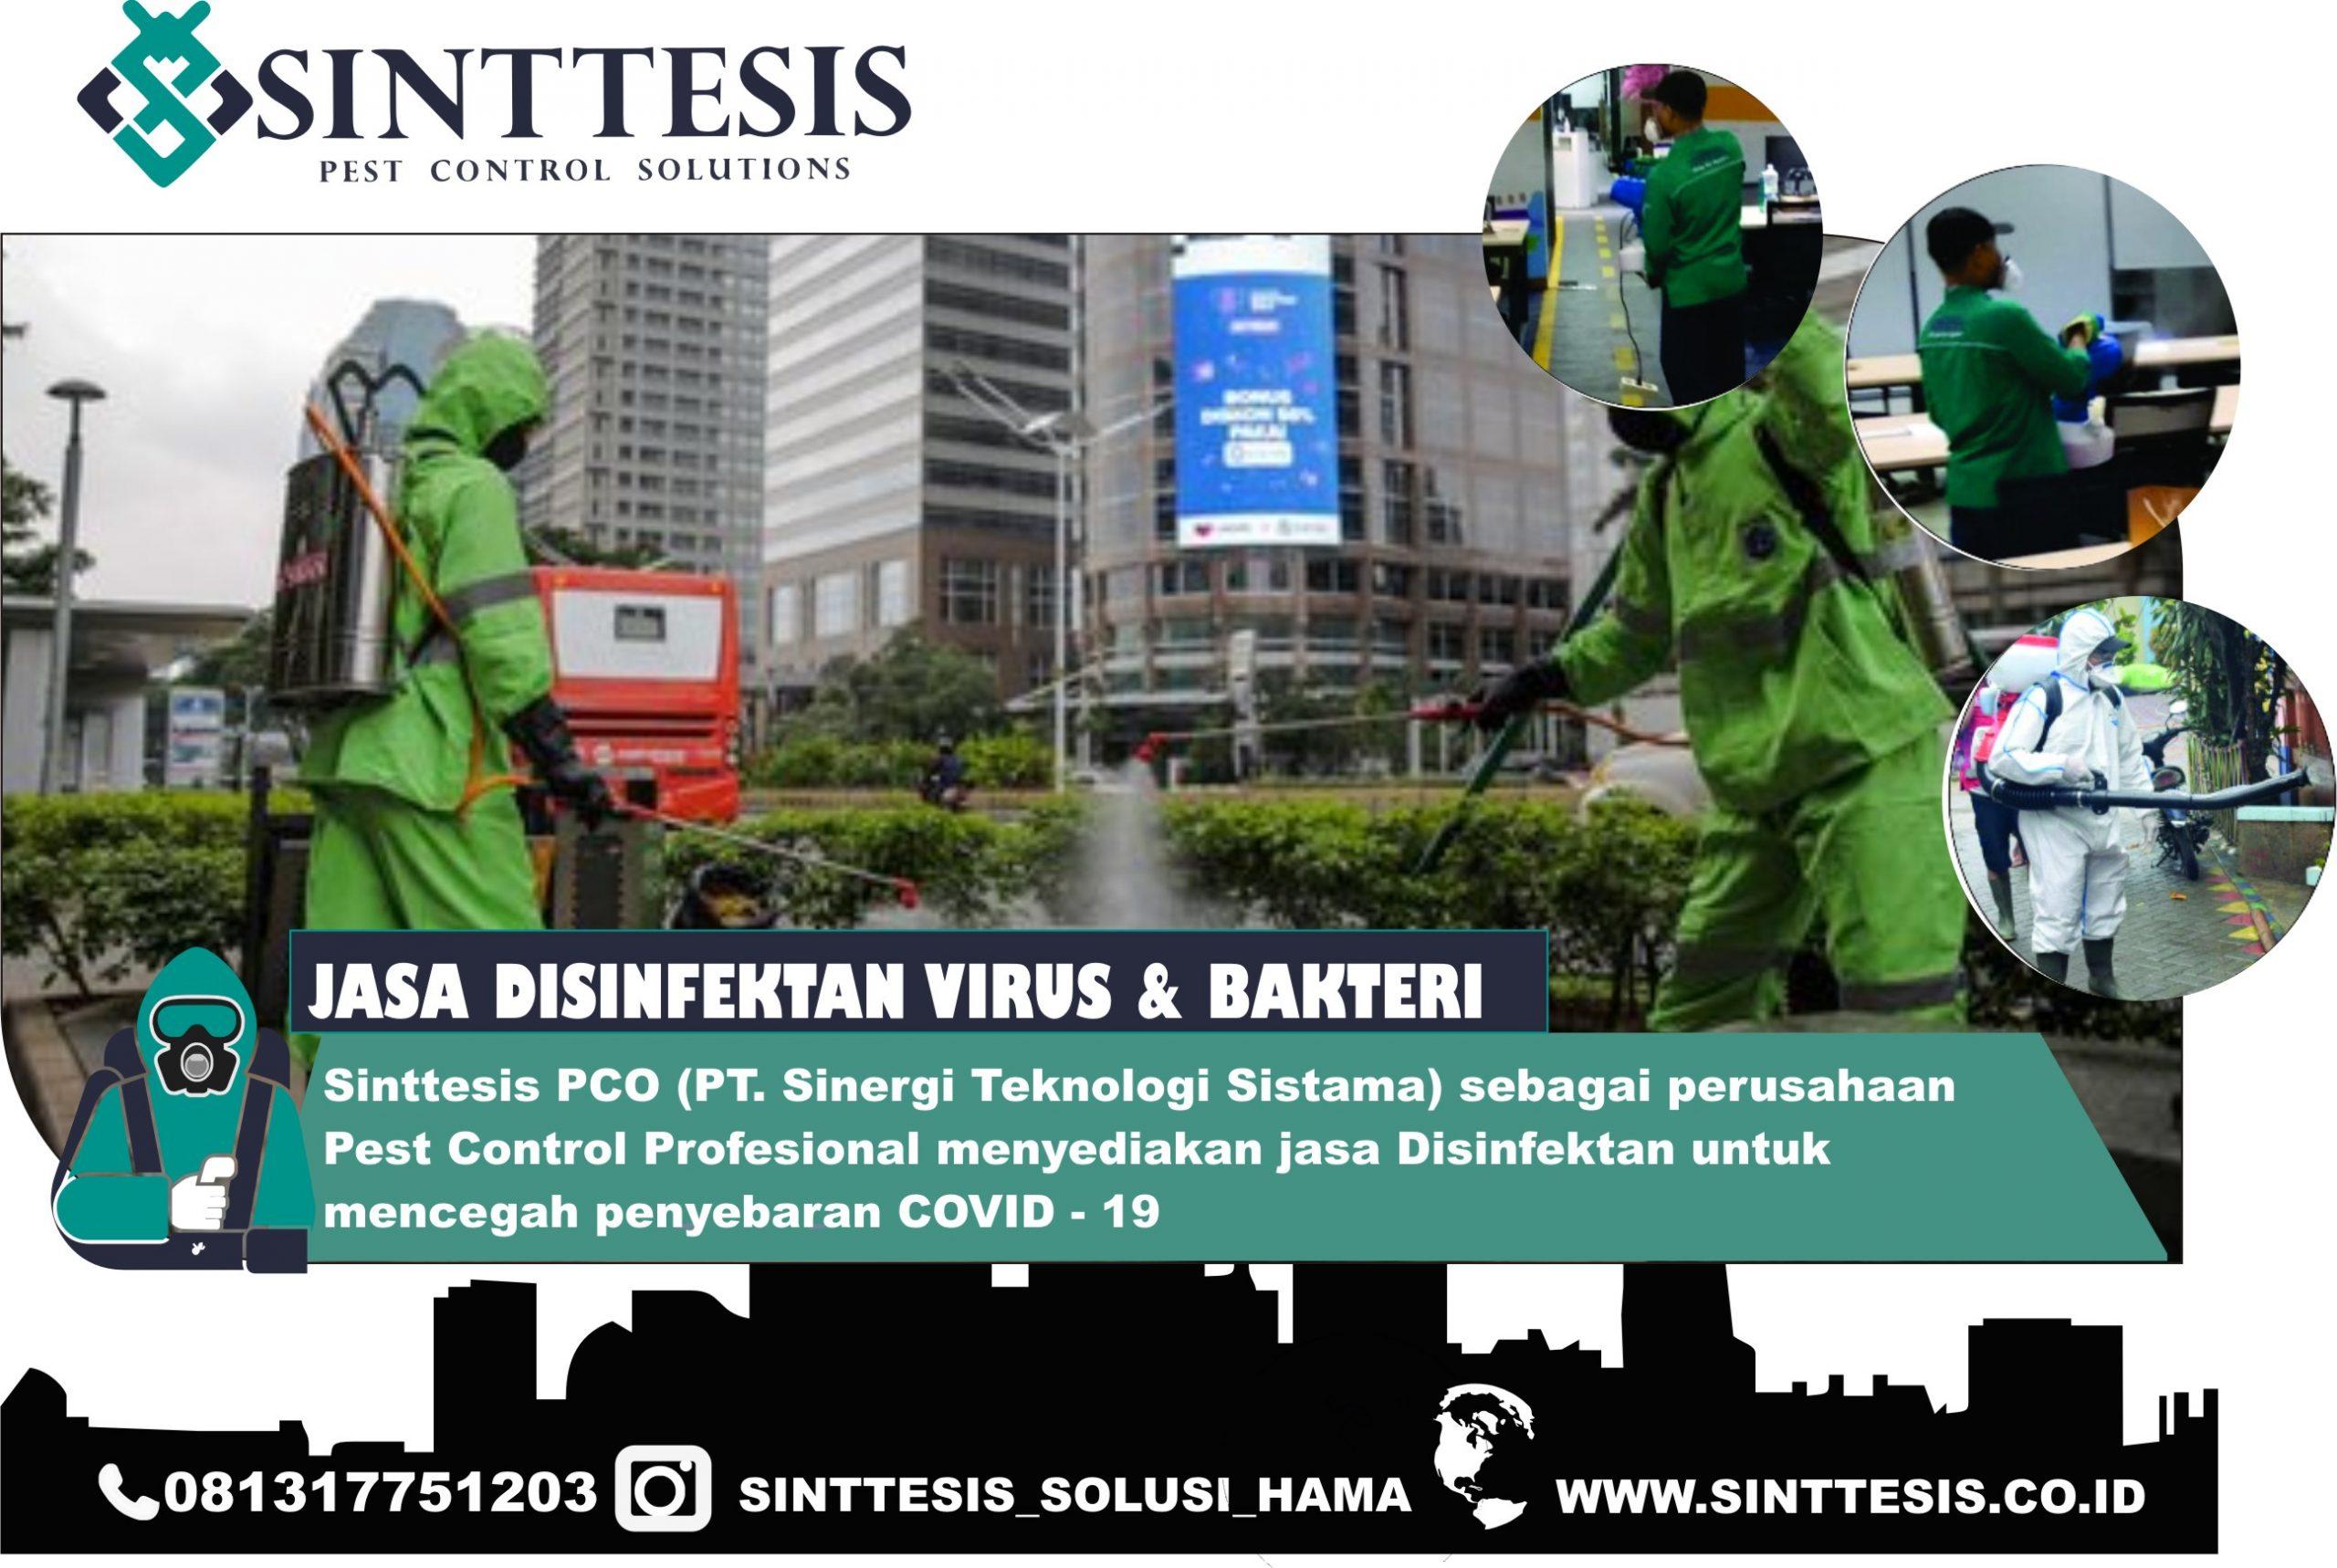 Jasa Penyemprotan Disinfektan Jakarta